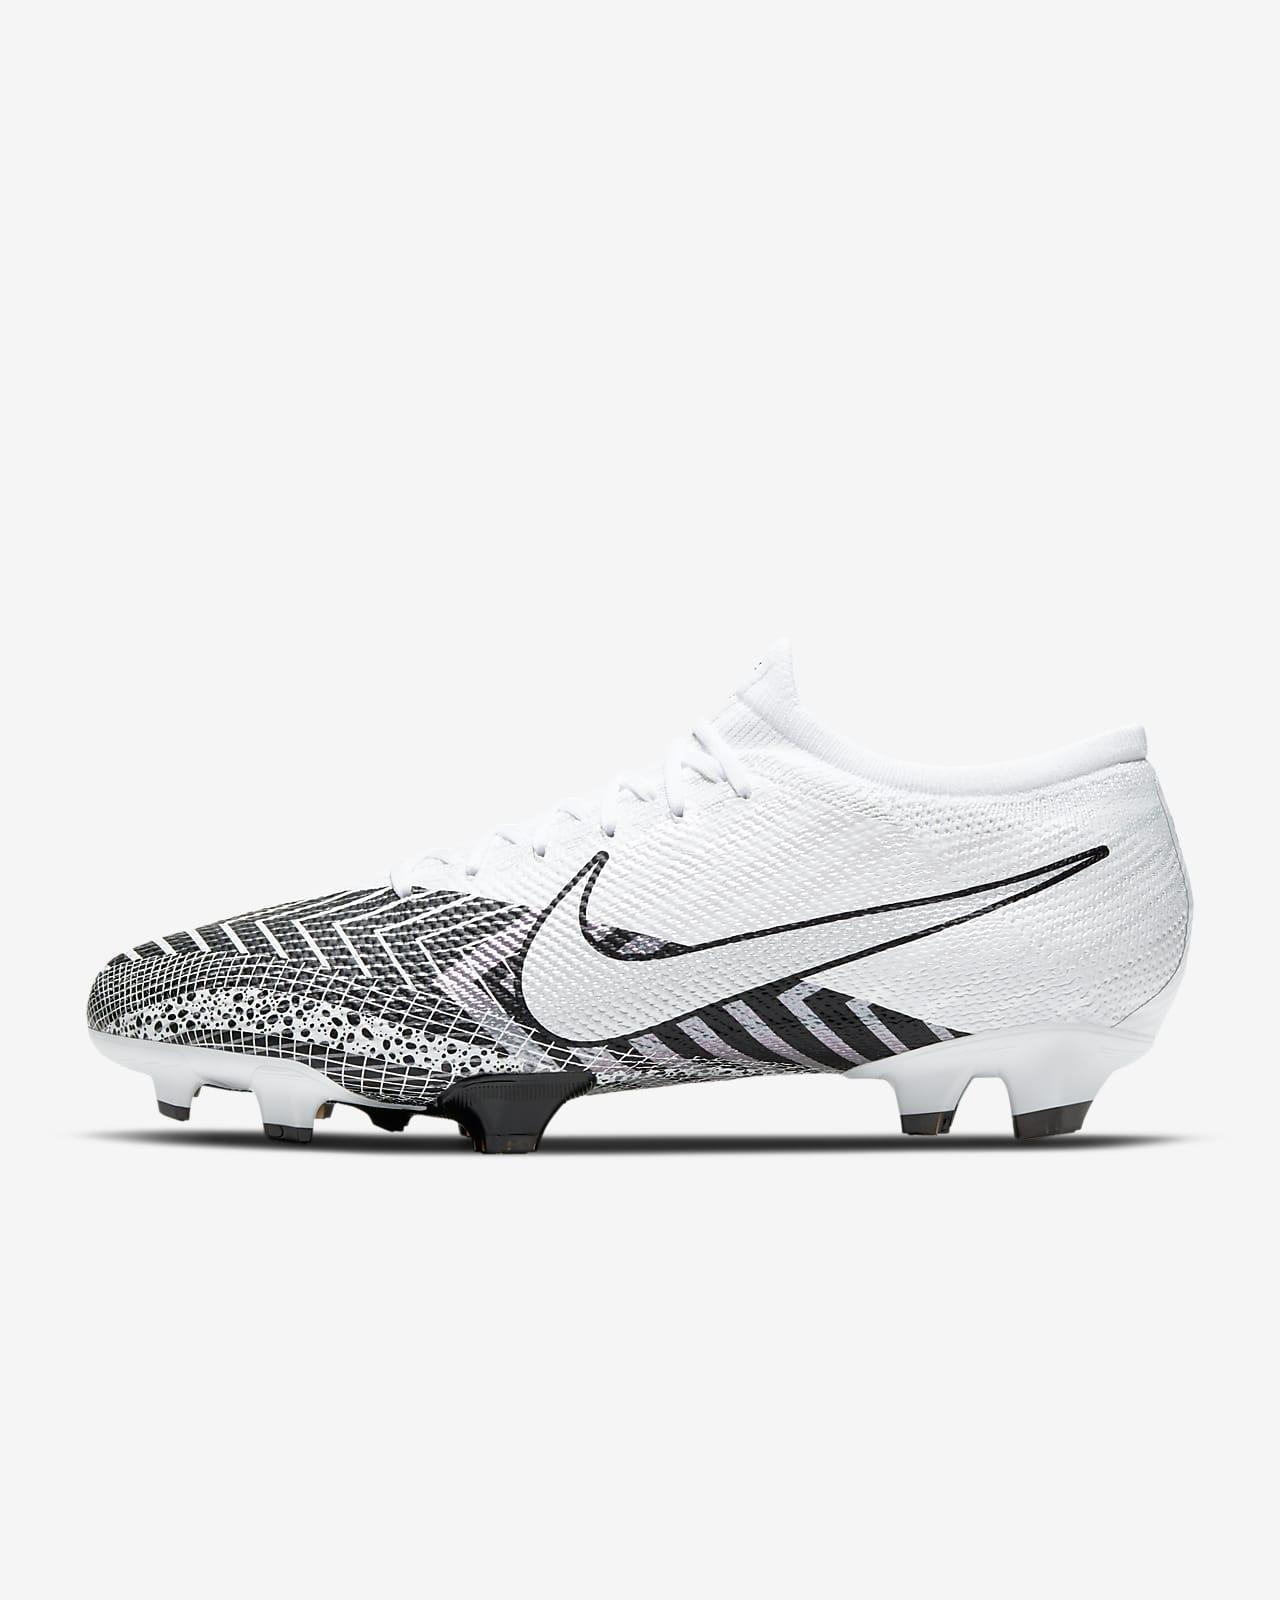 Fotbollssko för gräs Nike Mercurial Vapor 13 Pro MDS FG